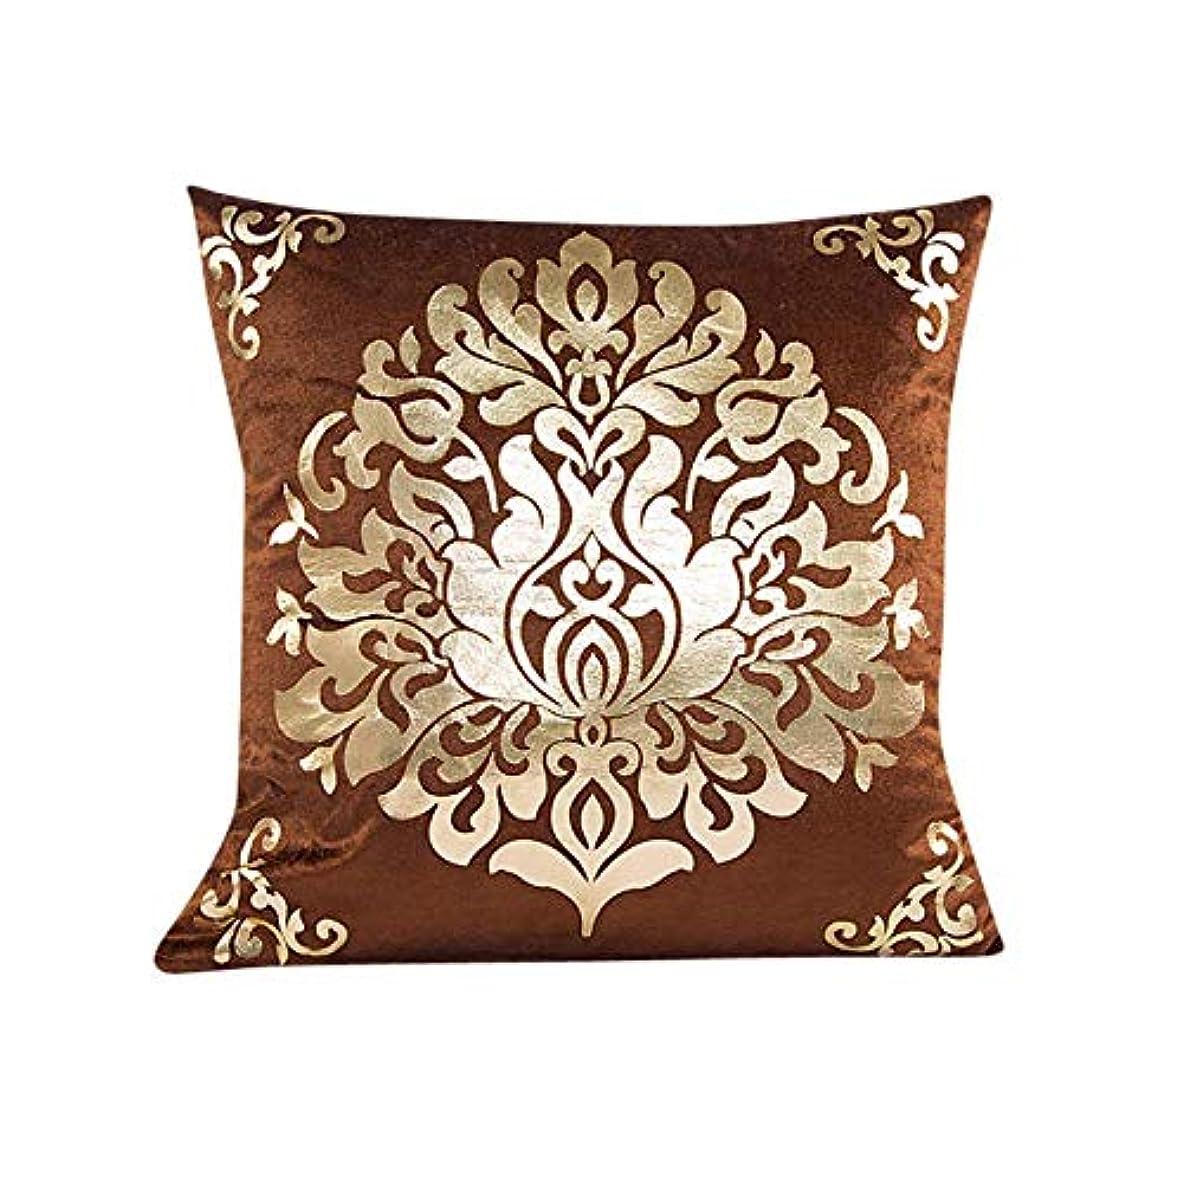 わかりやすい聖歌意味LIFE MUQGEW ホット販売クラシック枕ソファ投げるクッション家の装飾 coussin ホームクッション クッション 椅子